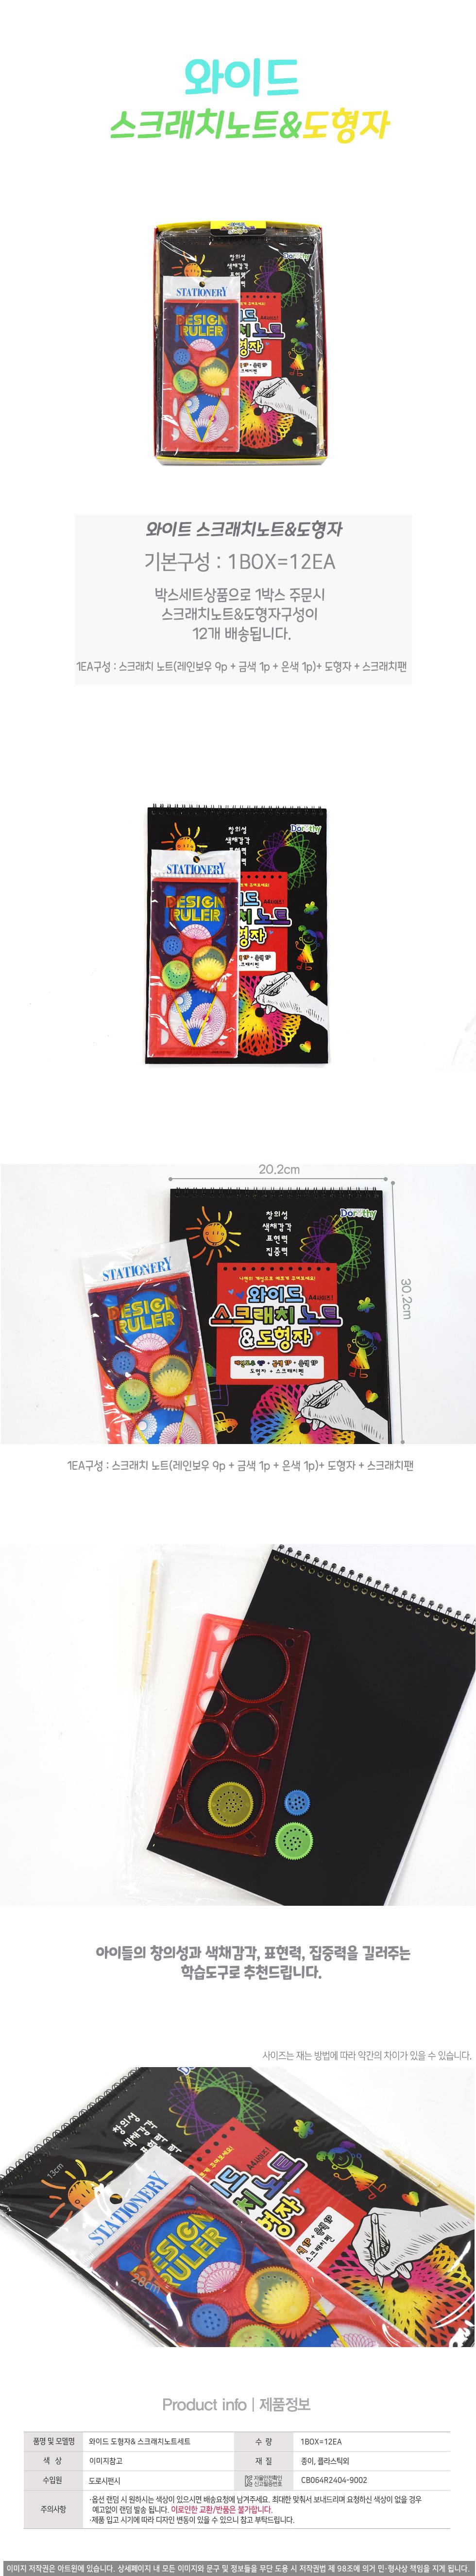 3000와이드스크래치노트도형자BOX(12).jpg